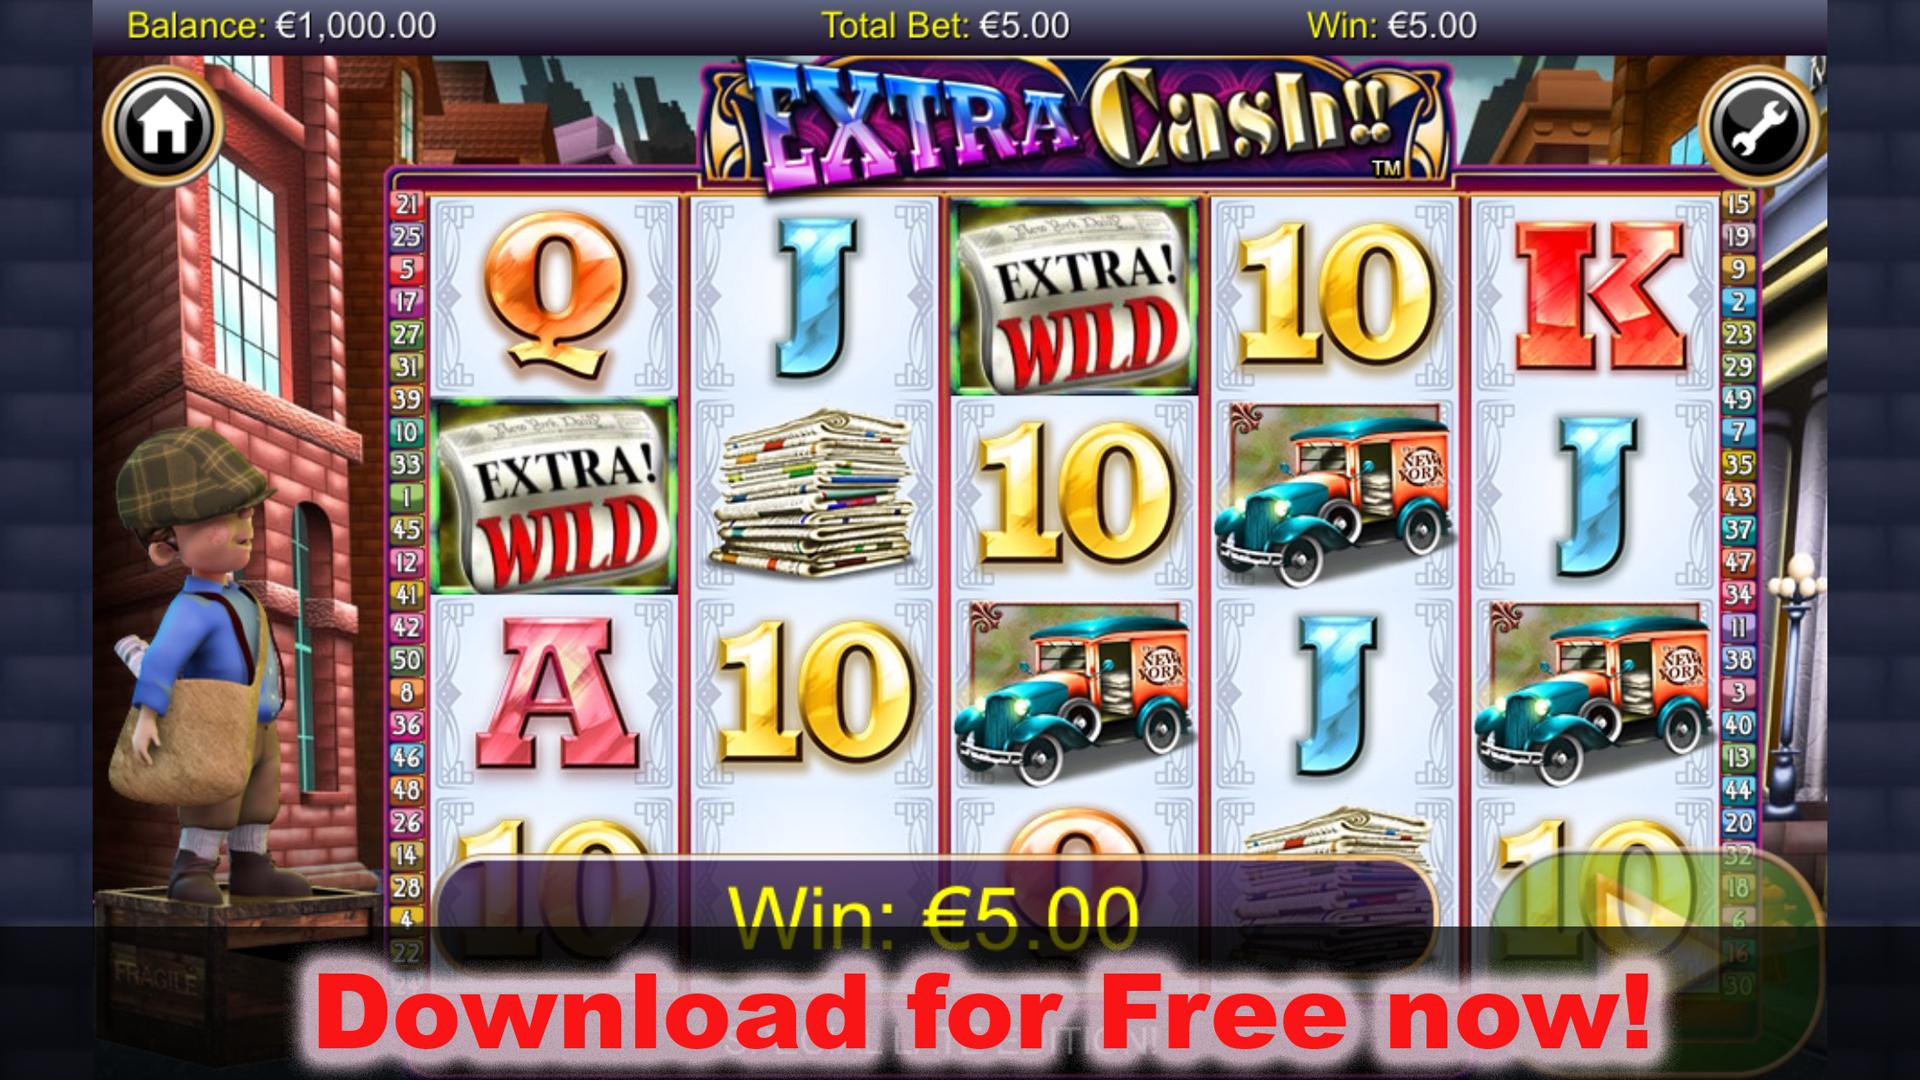 Casilando casino 50 free spins no deposit